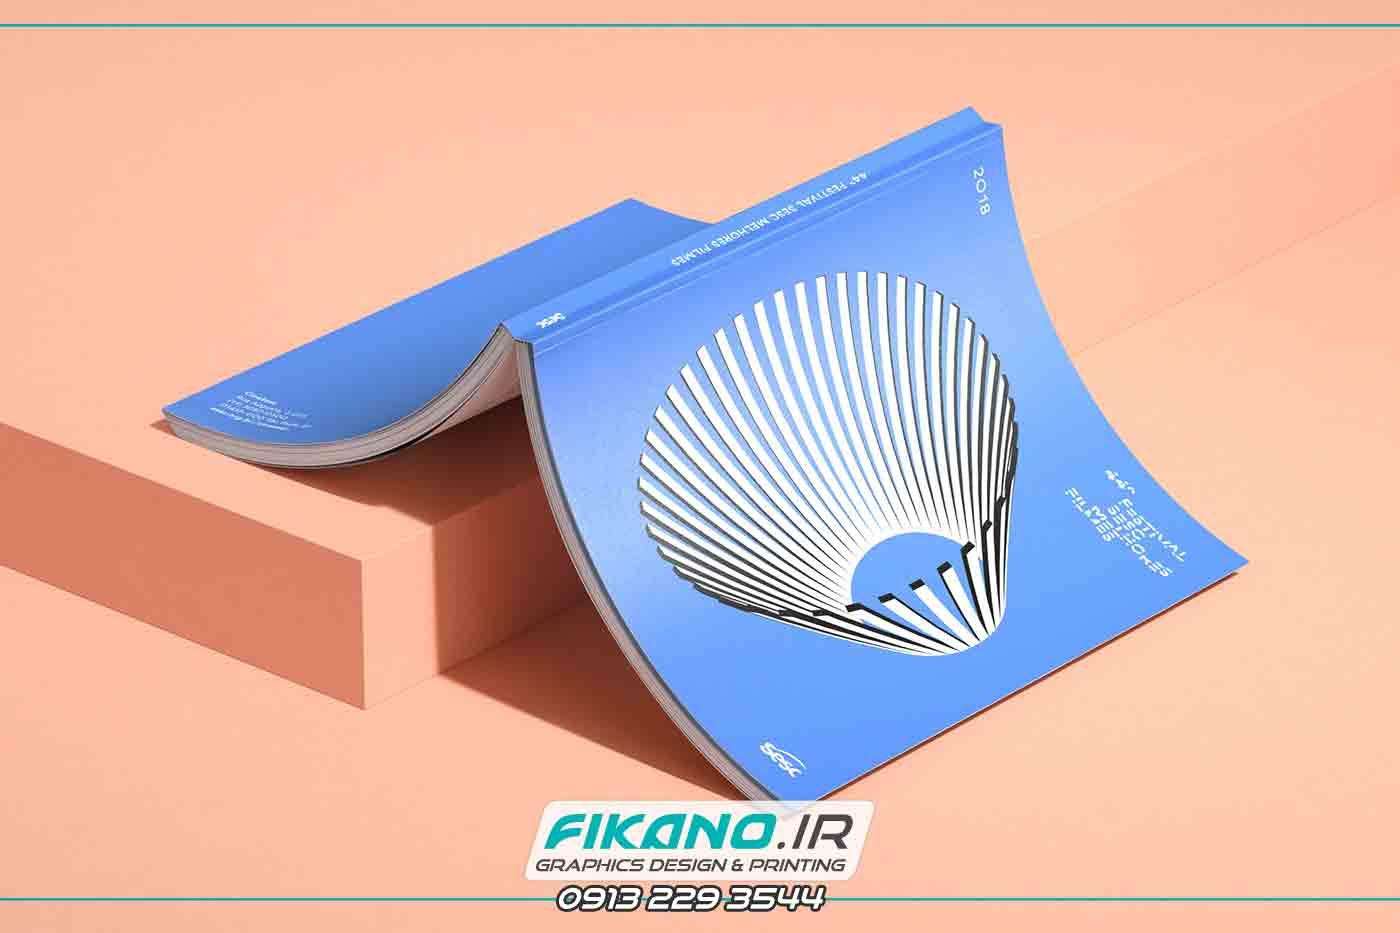 سفارش طراحی جلد کتاب و طراحی هویت بصری - وب سایت فیکانو www.fikano.ir